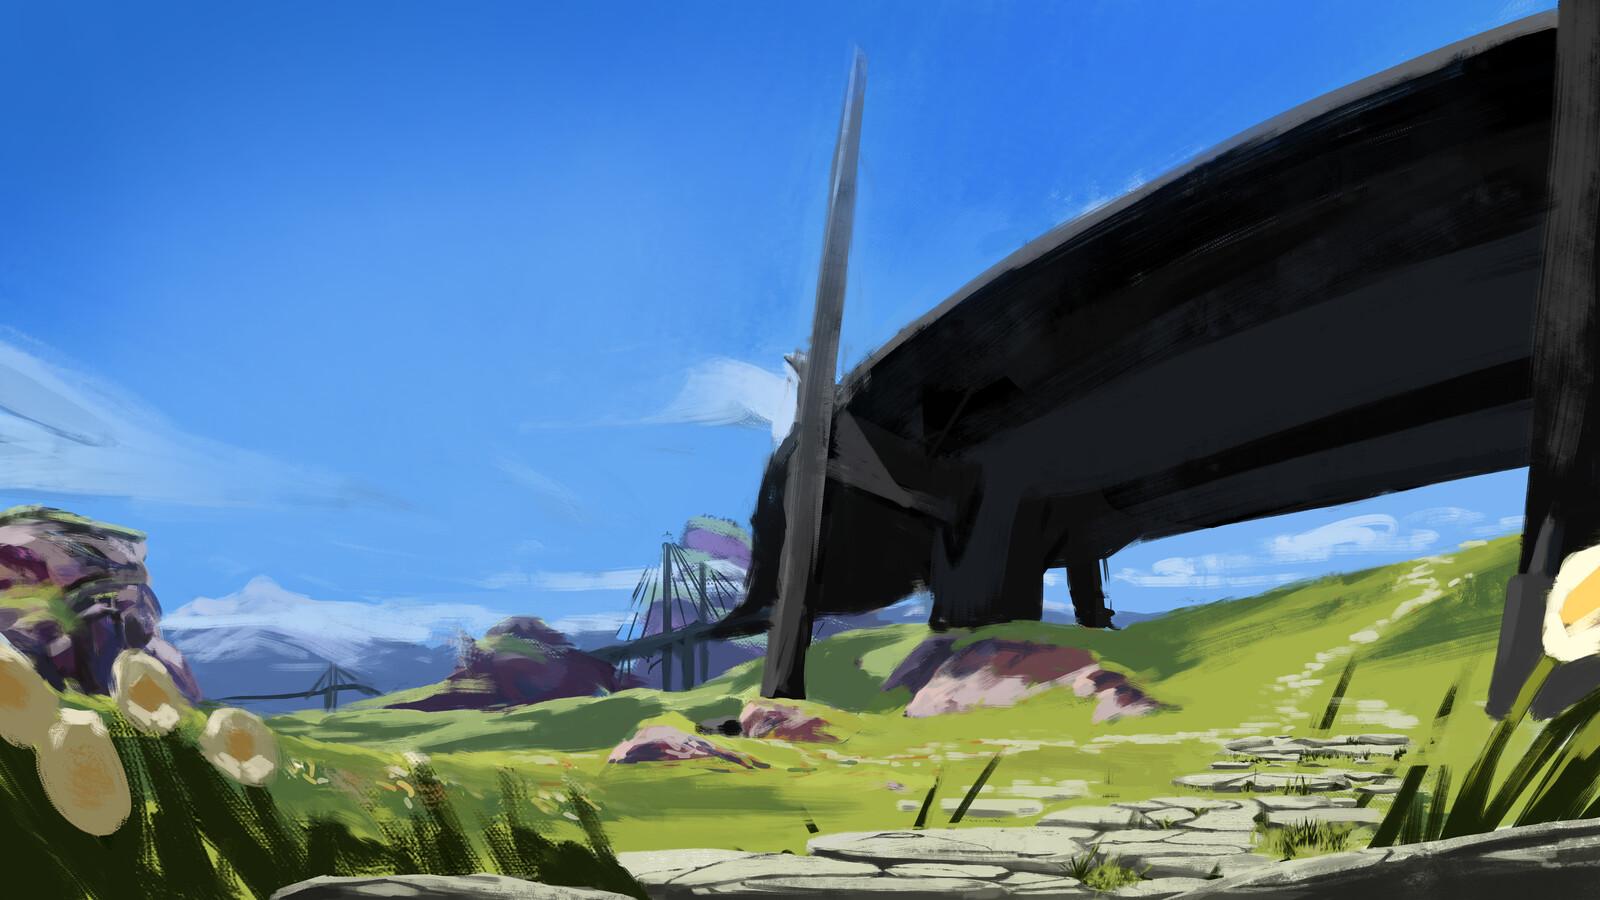 Base painting